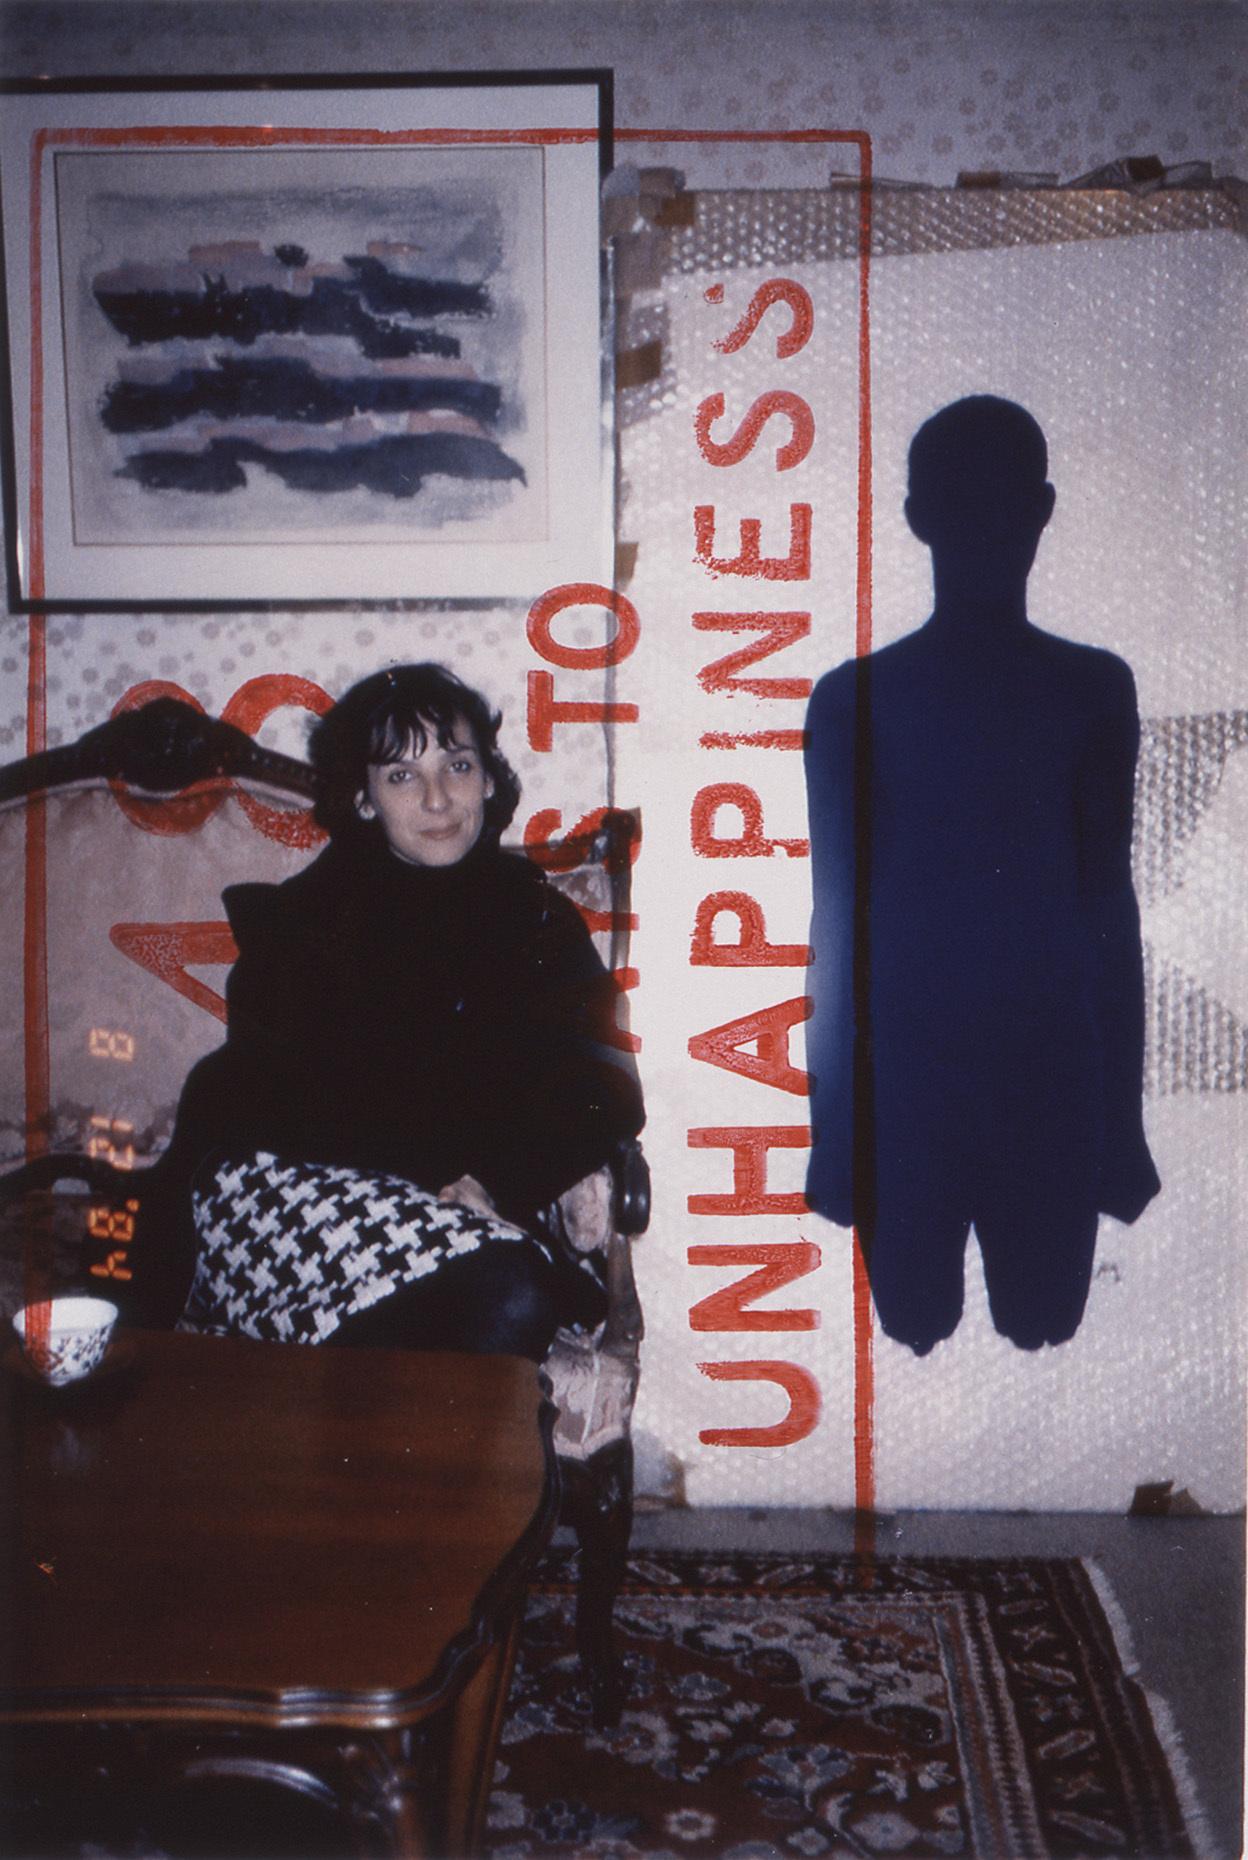 Sophie Calle Exquisite Pain, 1984-2003 (C) Sophie Calle / ADAGP, Paris 2018 and JASPAR, Tokyo, 2018